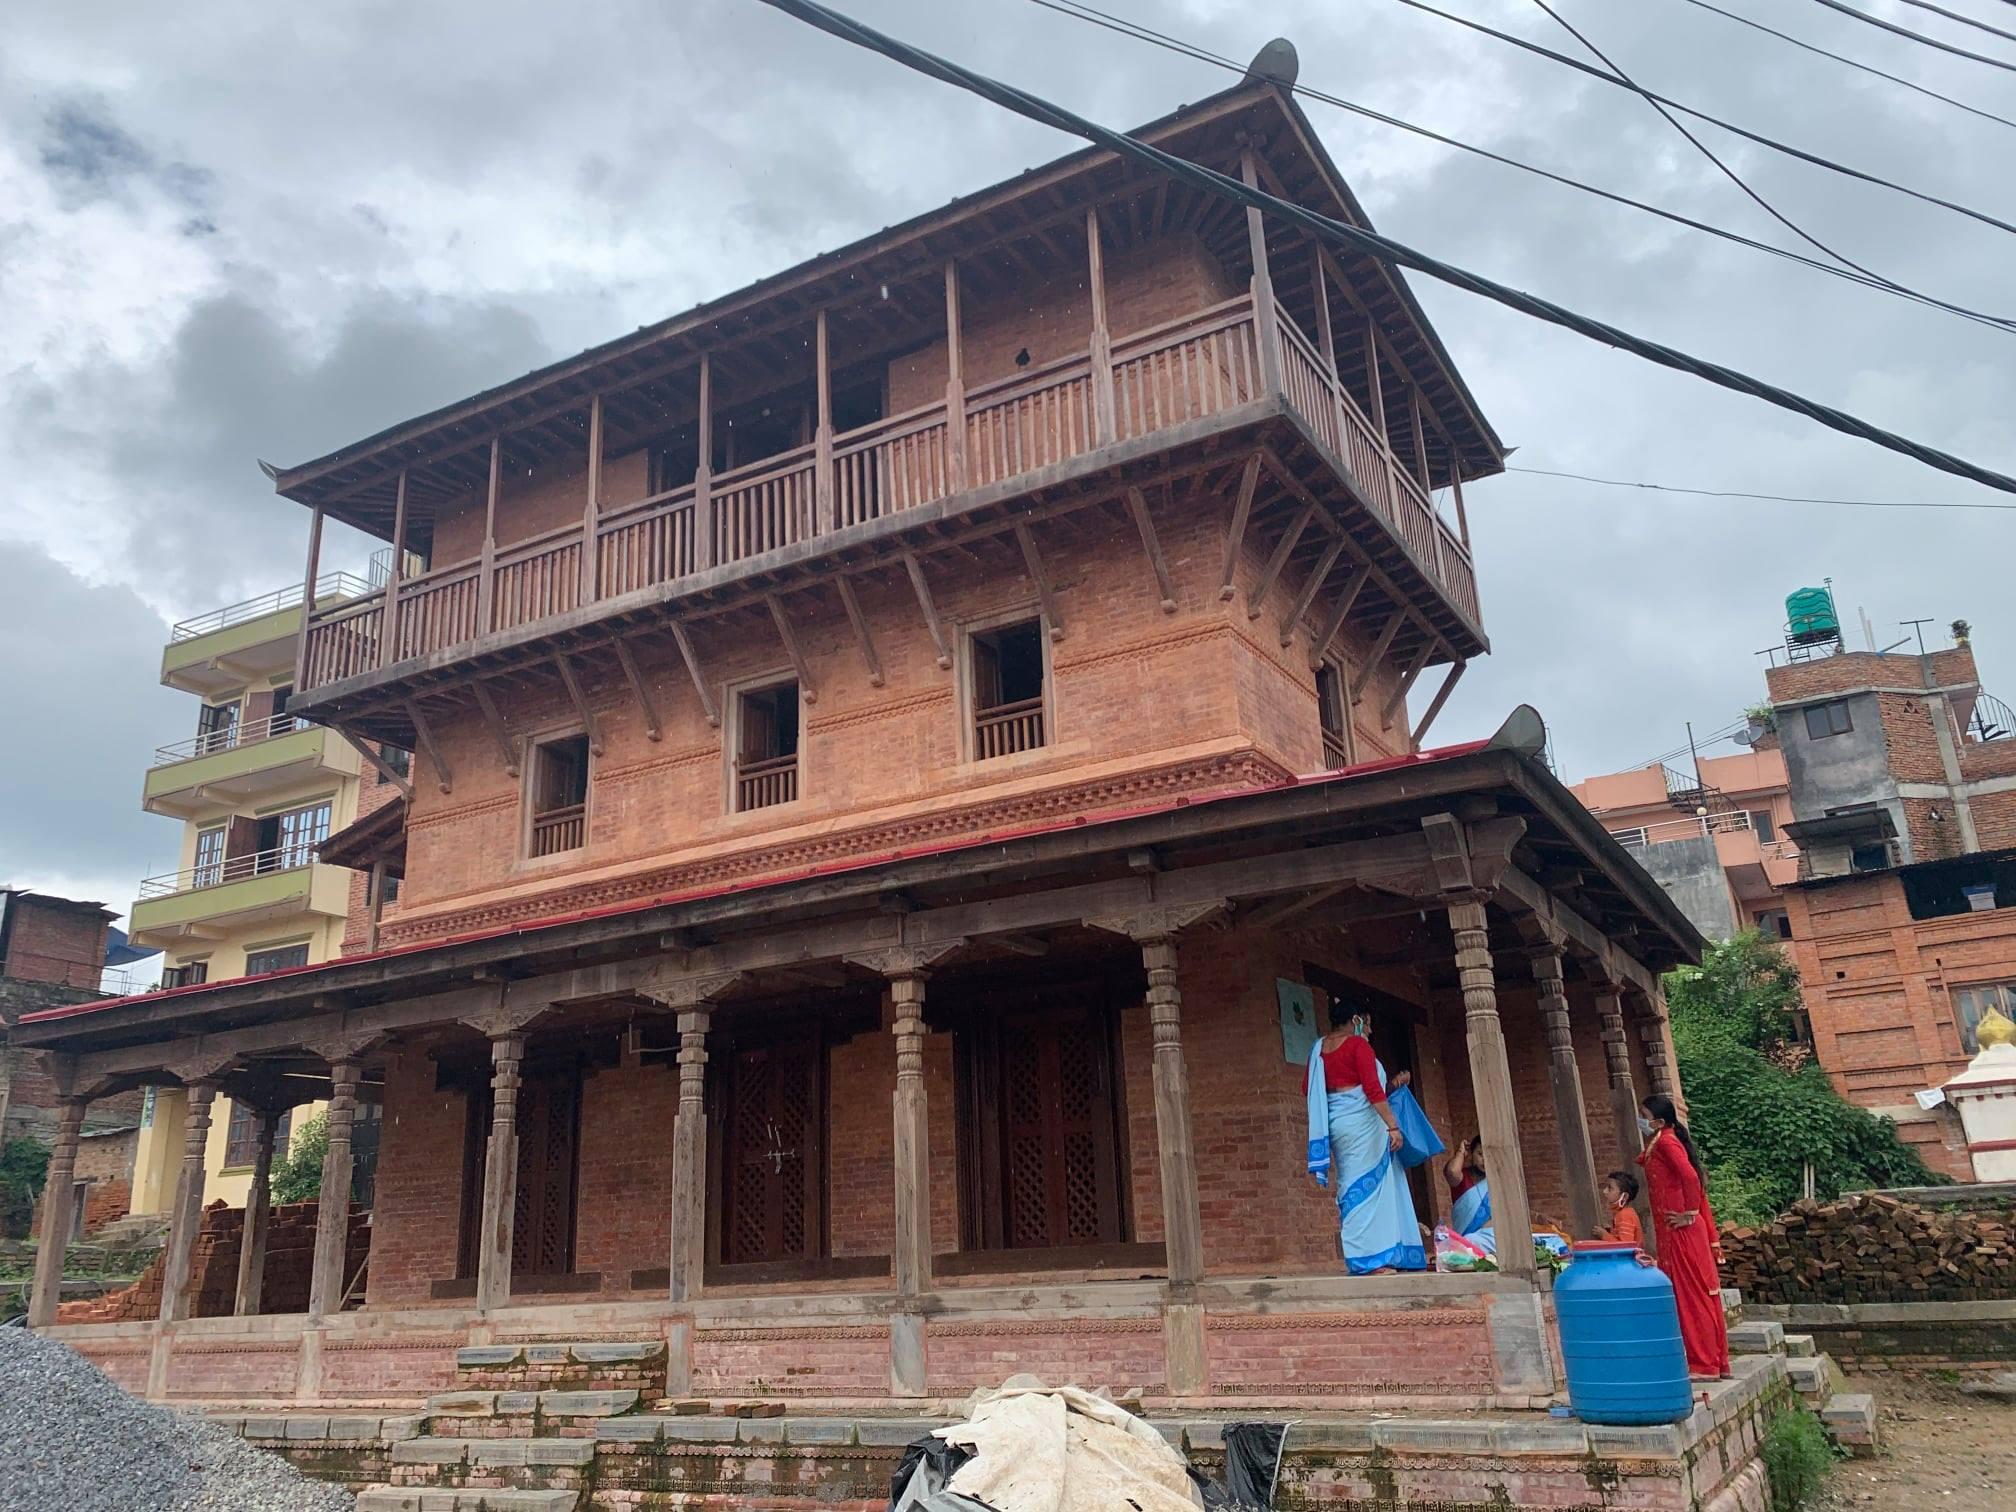 पुनर्निर्माण सम्पन्न भएको काठमाडौं सांखुस्थित न्याँक सत्तल